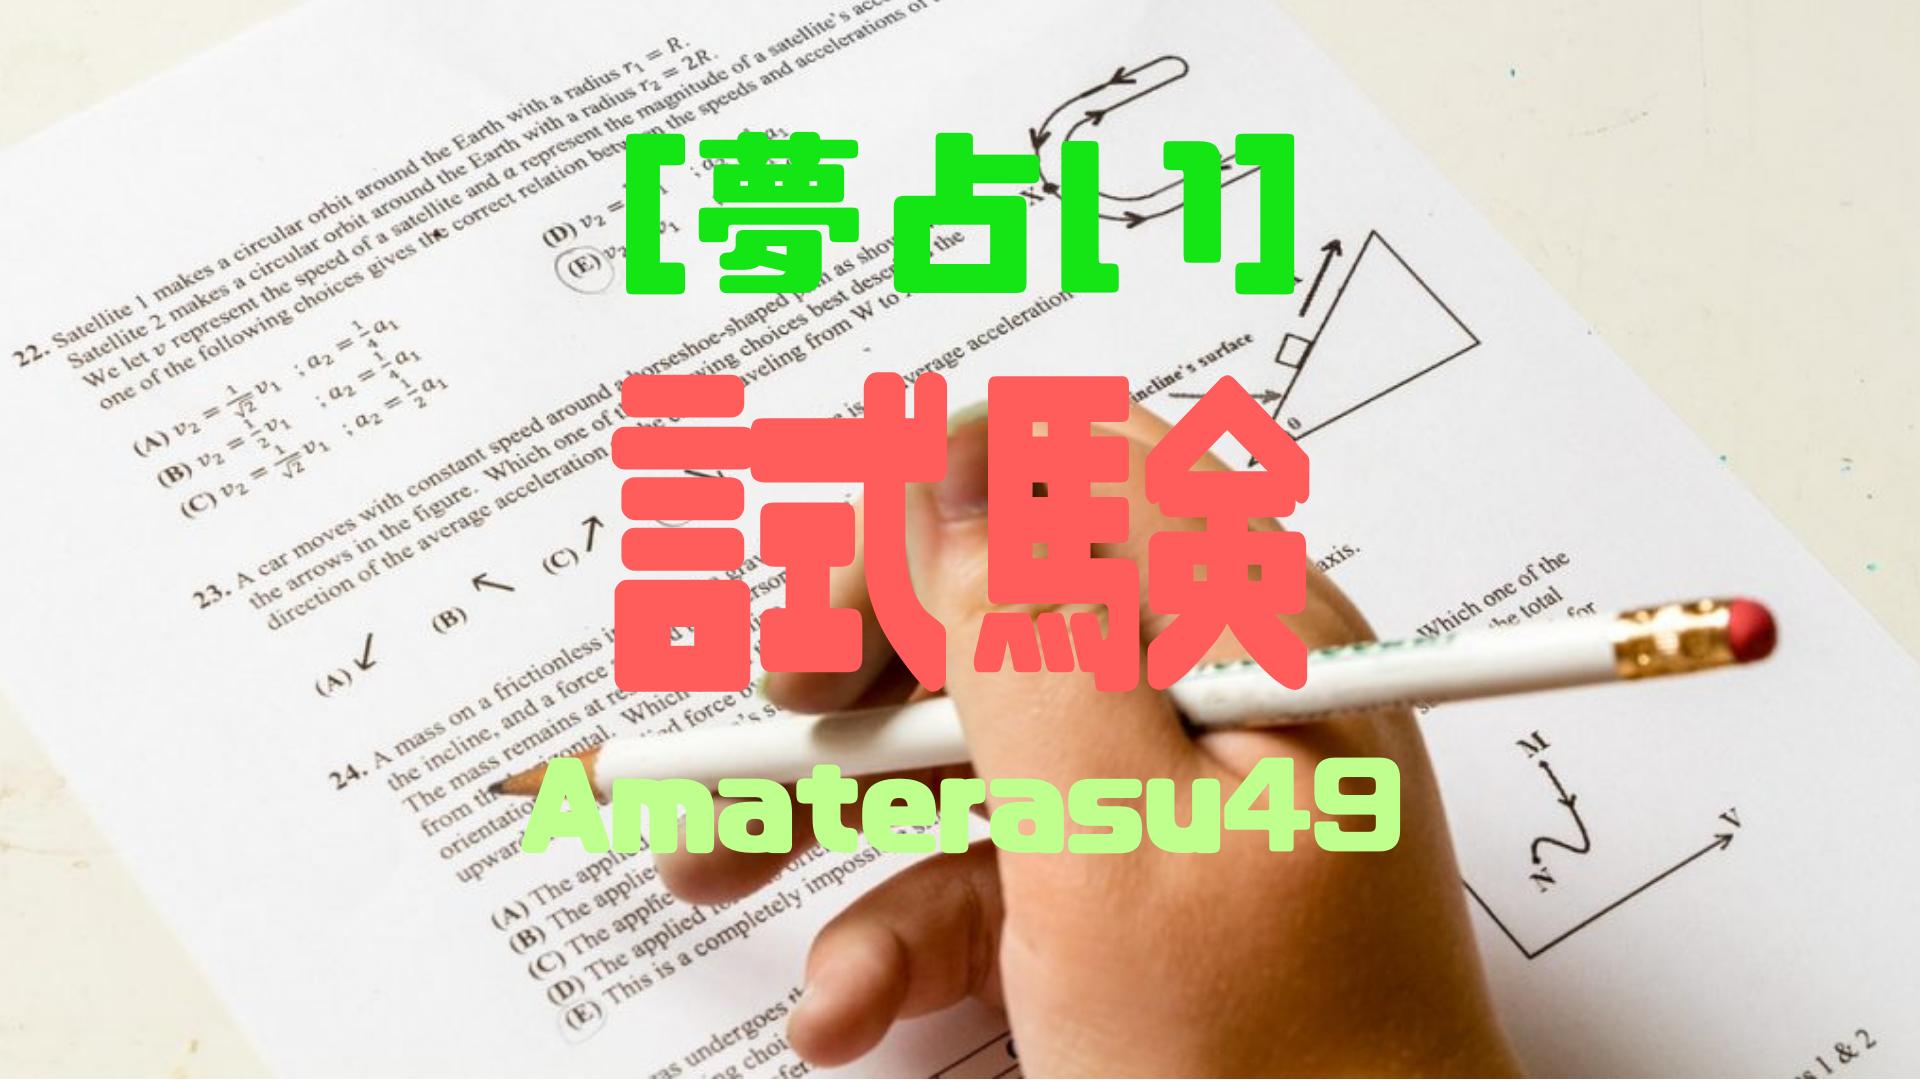 【夢占い】試験の夢の意味とは?試験に受かる・合格する夢と試験に落ちる夢の意味を解説!